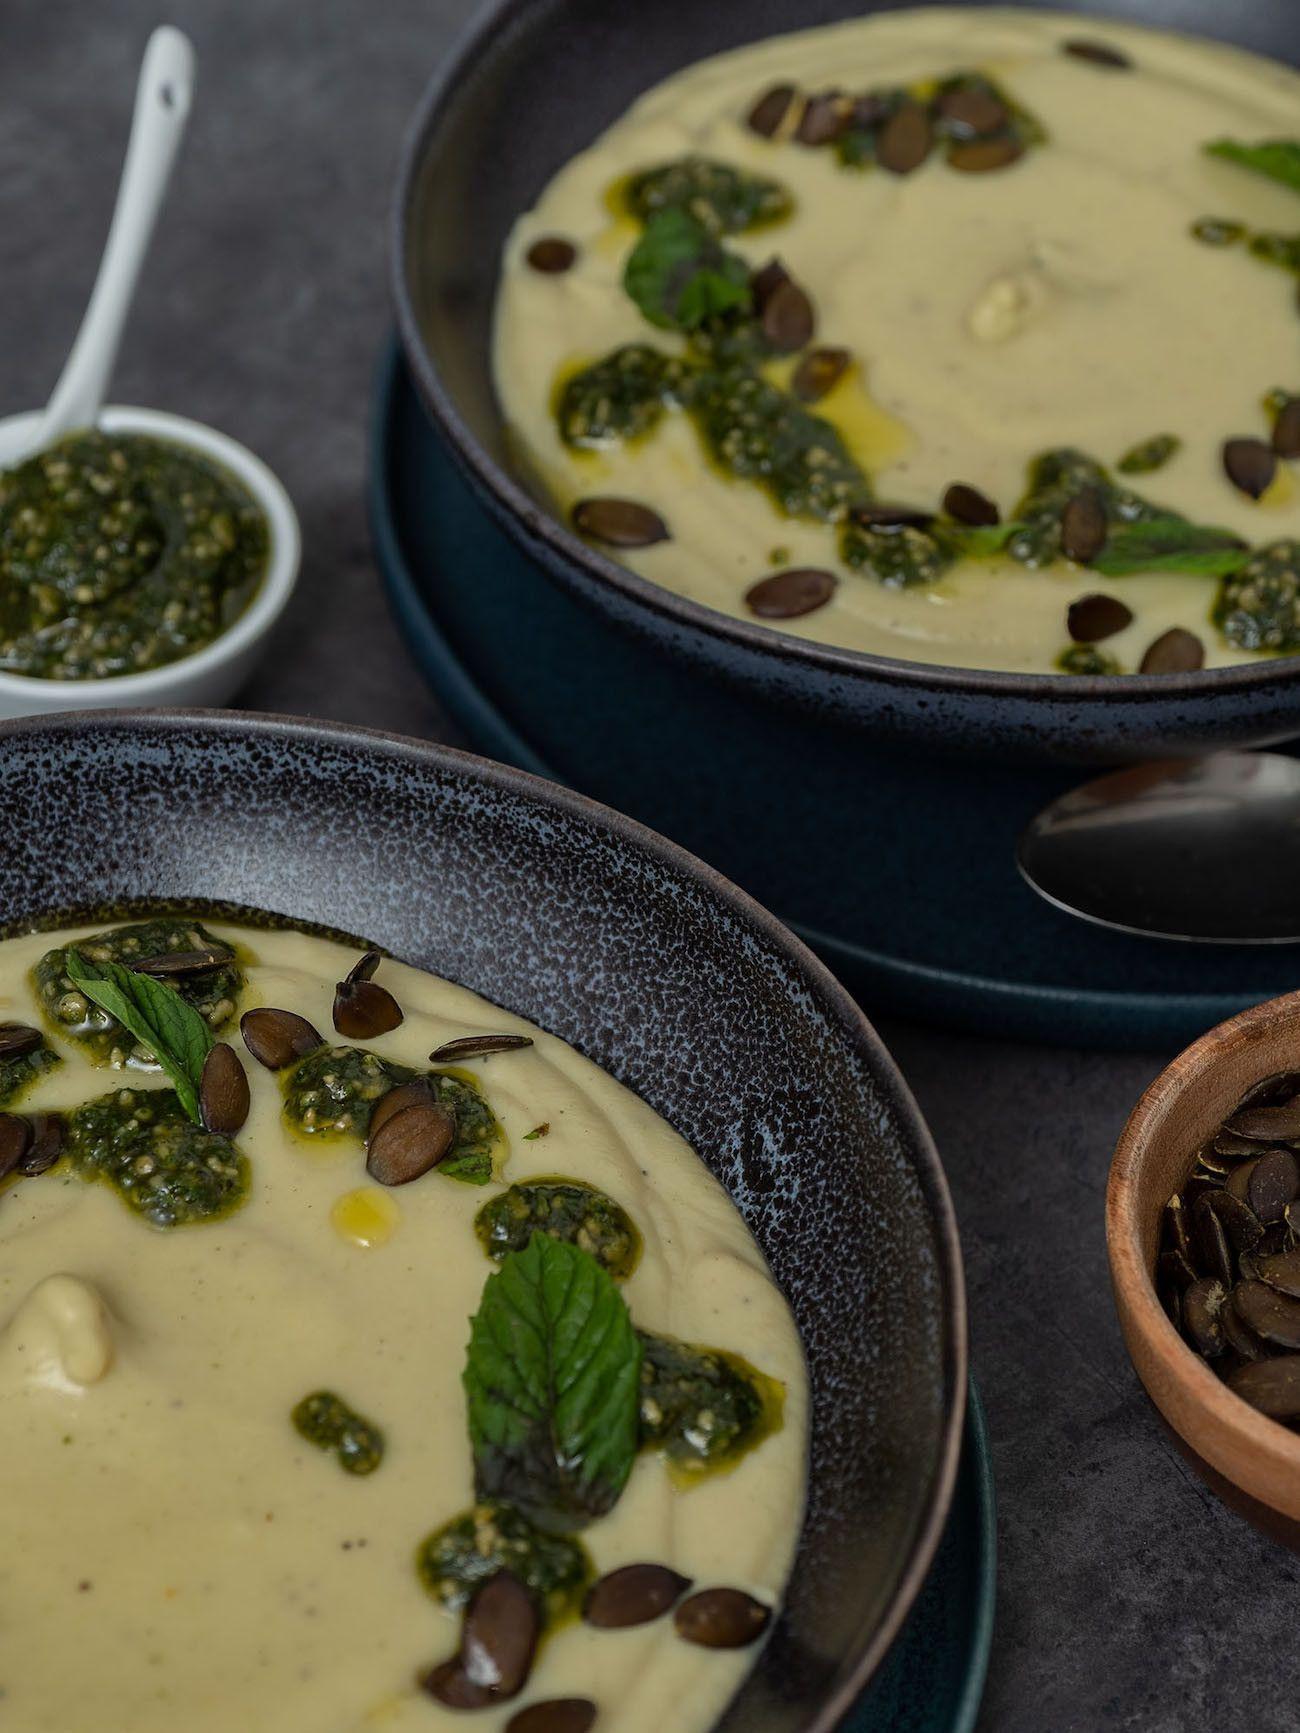 Foodblog, About Fuel, Rezept, Blumenkohlsuppe mit Sonnenblumenkern-Minz-Pesto und Kürbiskernen, Teller, Pesto